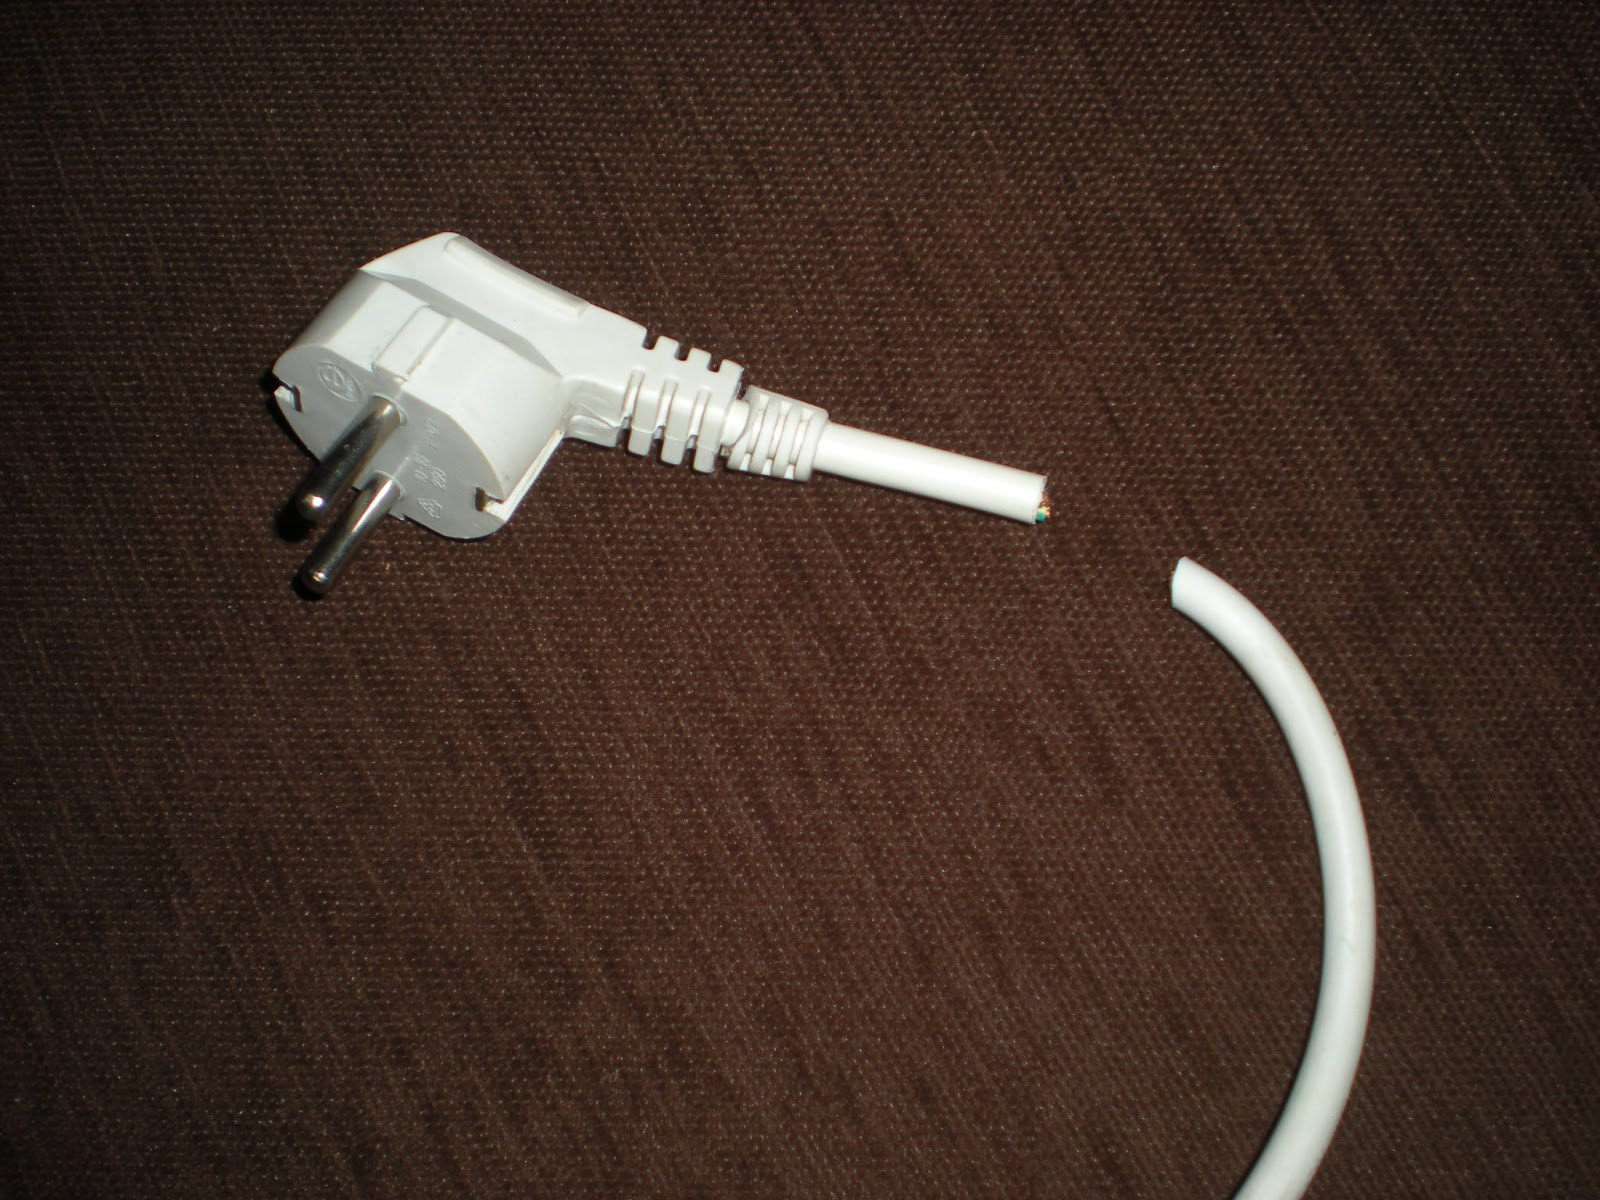 Andra de blanco diy dikeando una regleta de enchufes - Regleta para cables ...